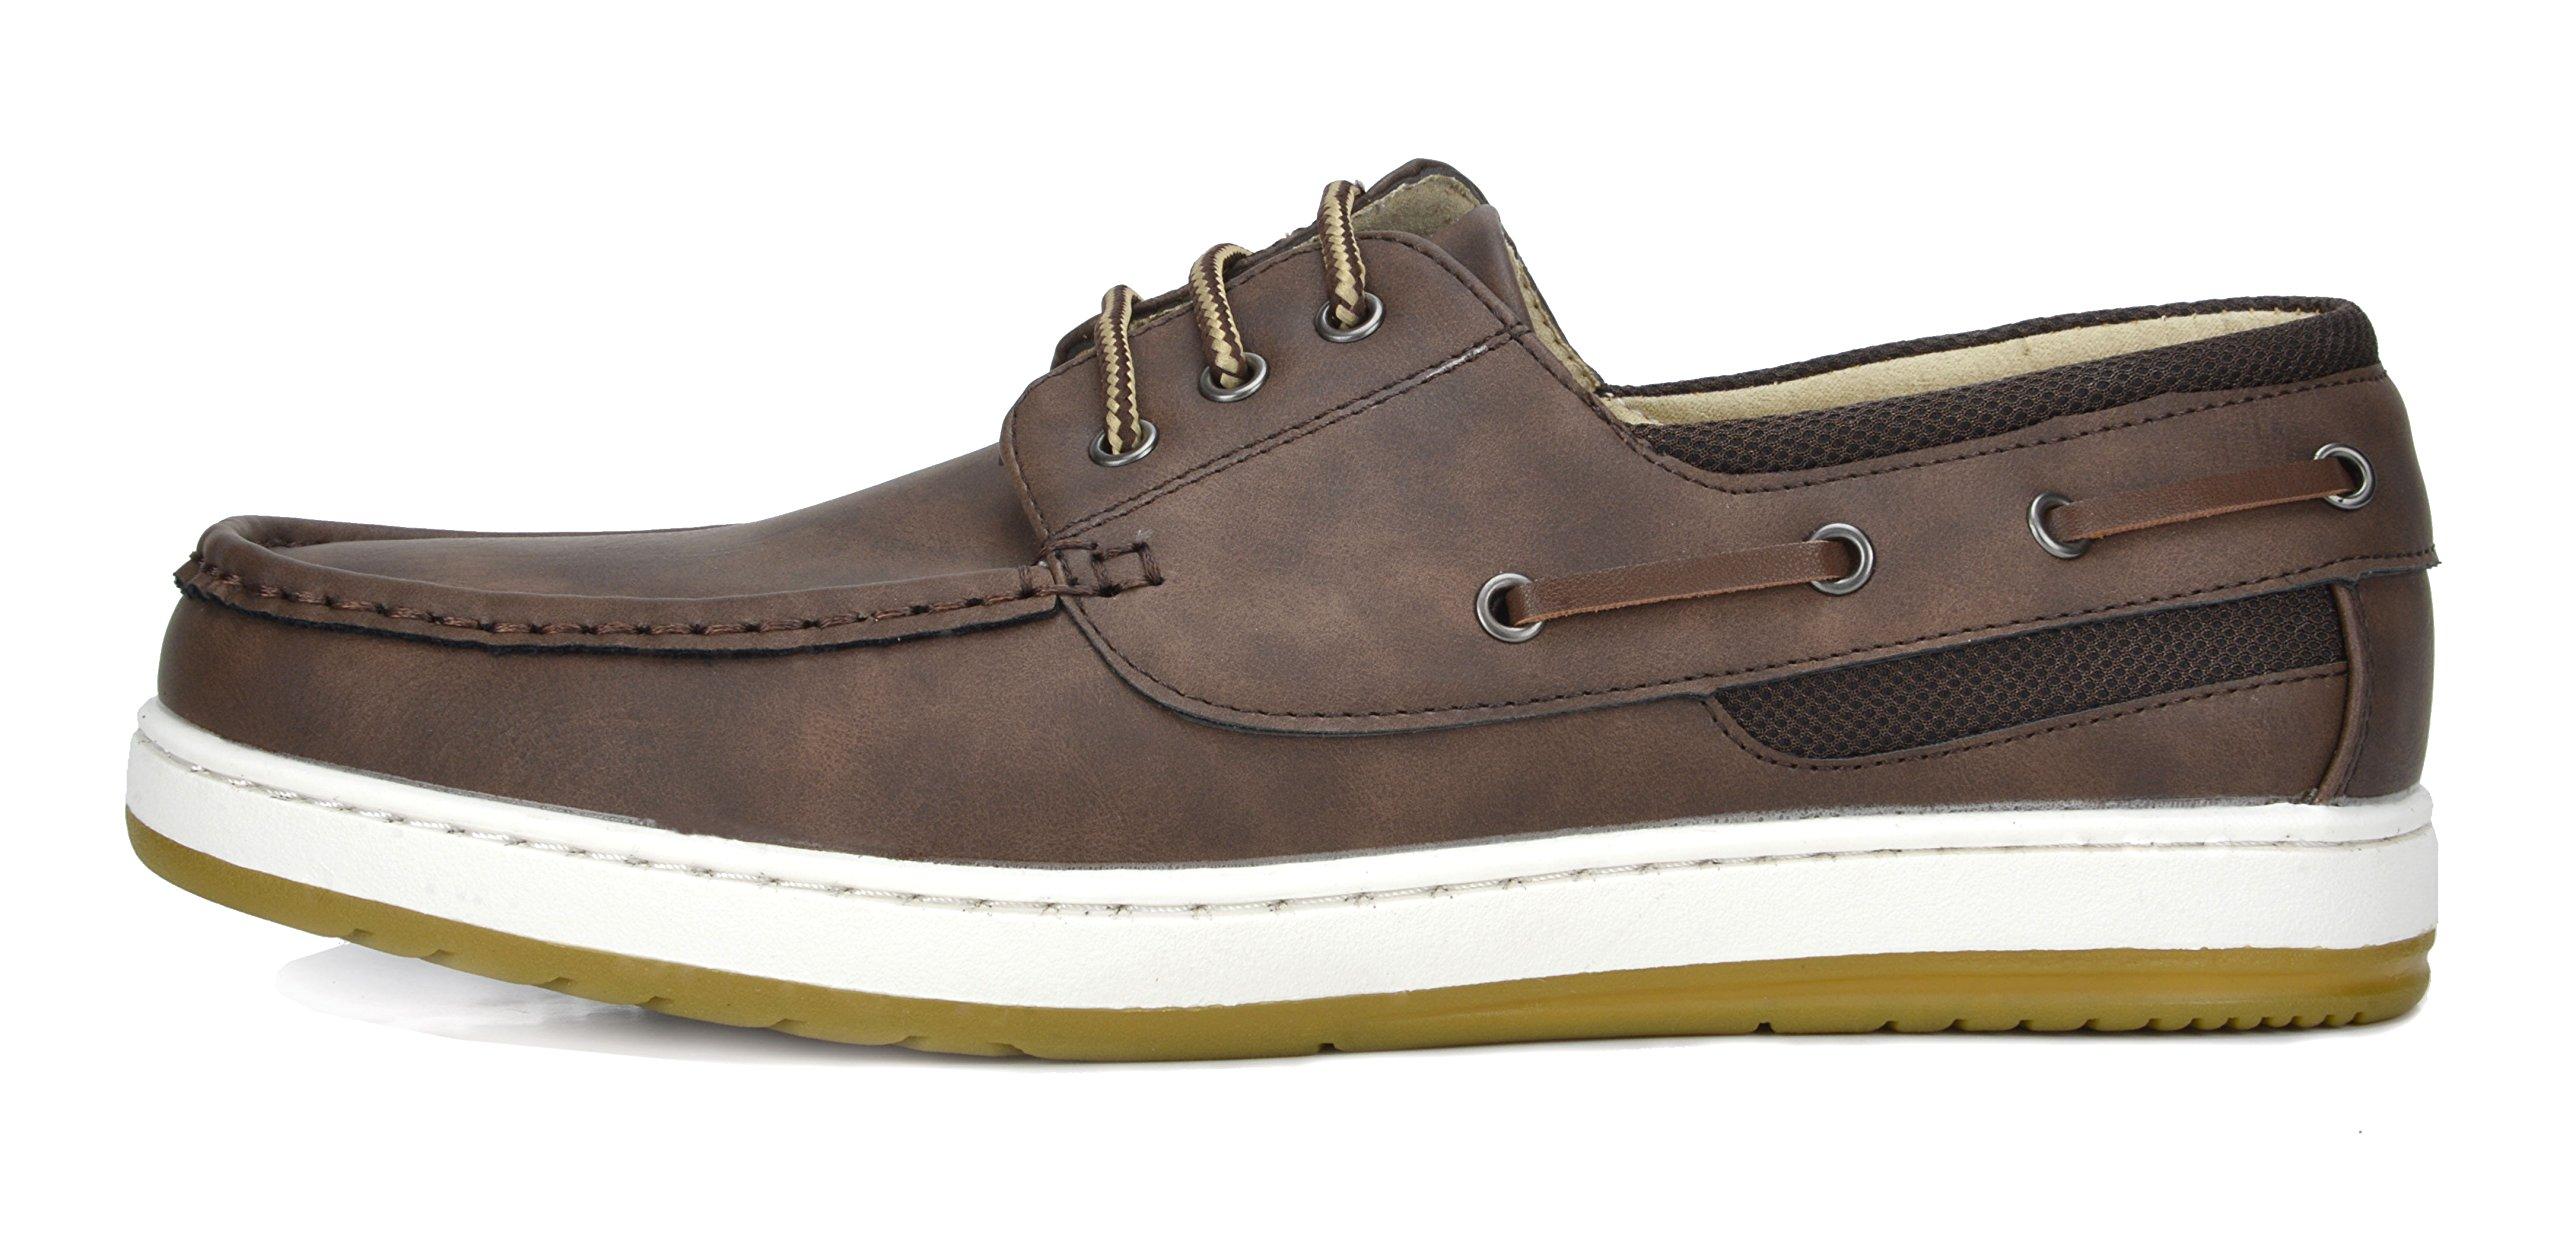 Bruno Marc Men's Pitts_16 DK.BRN/DK.BRN Oxfords Moccasins Boat Shoes Size 11 by Bruno Marc (Image #2)